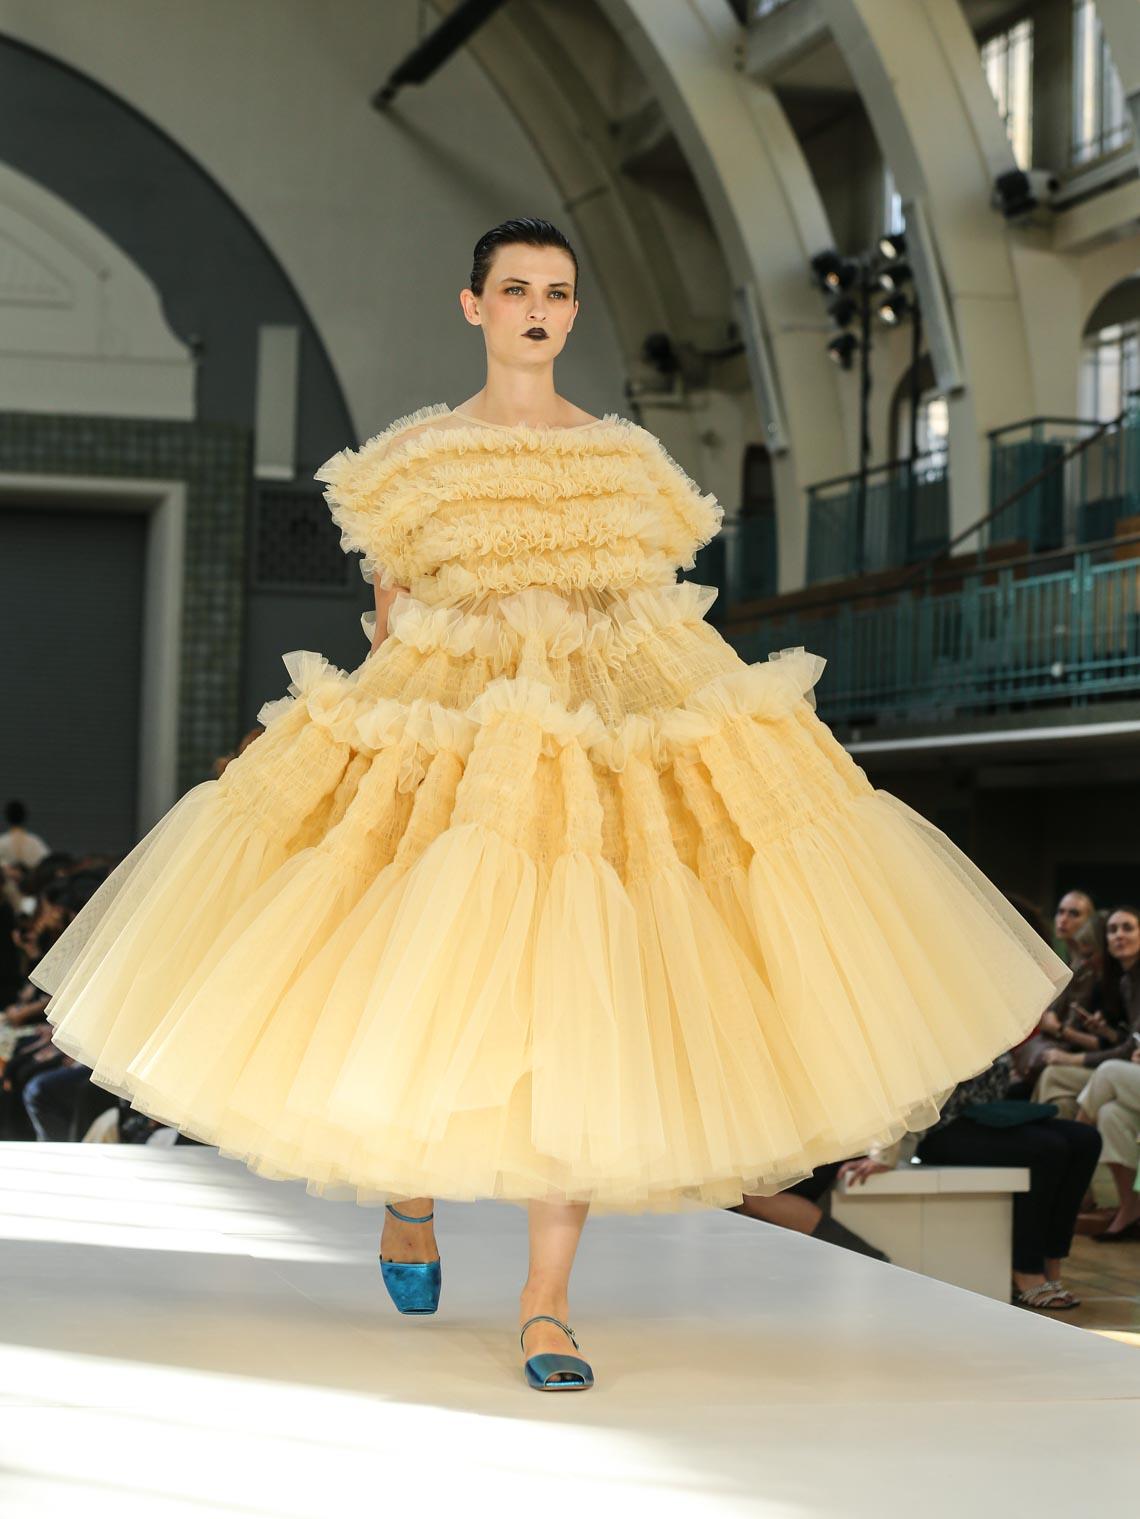 Tuần lễ thời trang London Xuân-Hè 2020 khai mạc giữa đám mây Brexit - 1